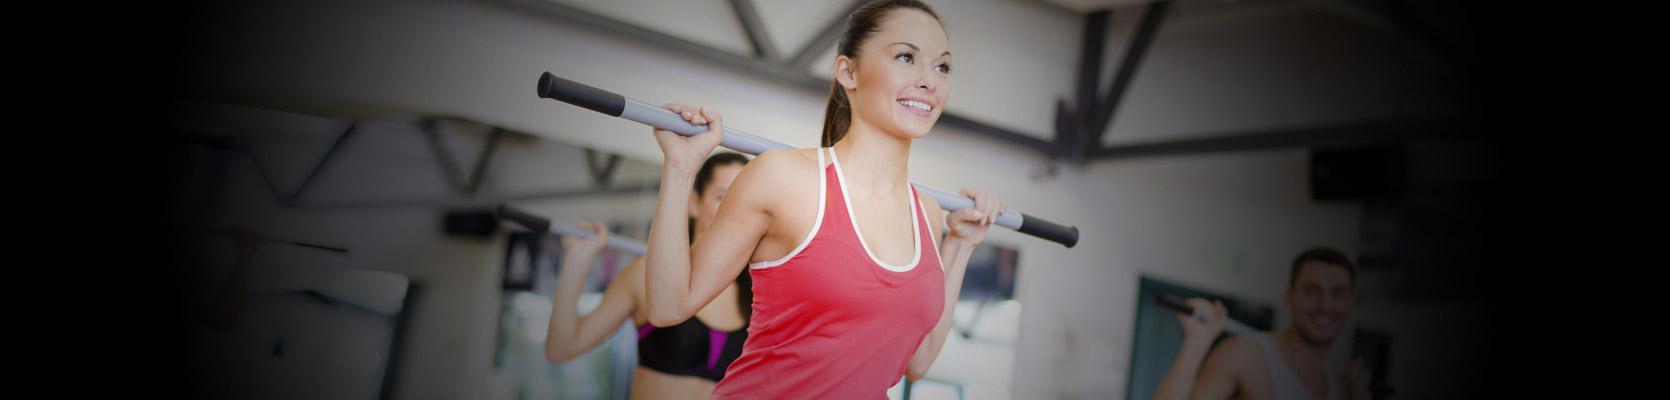 Wellness Beauty Postural